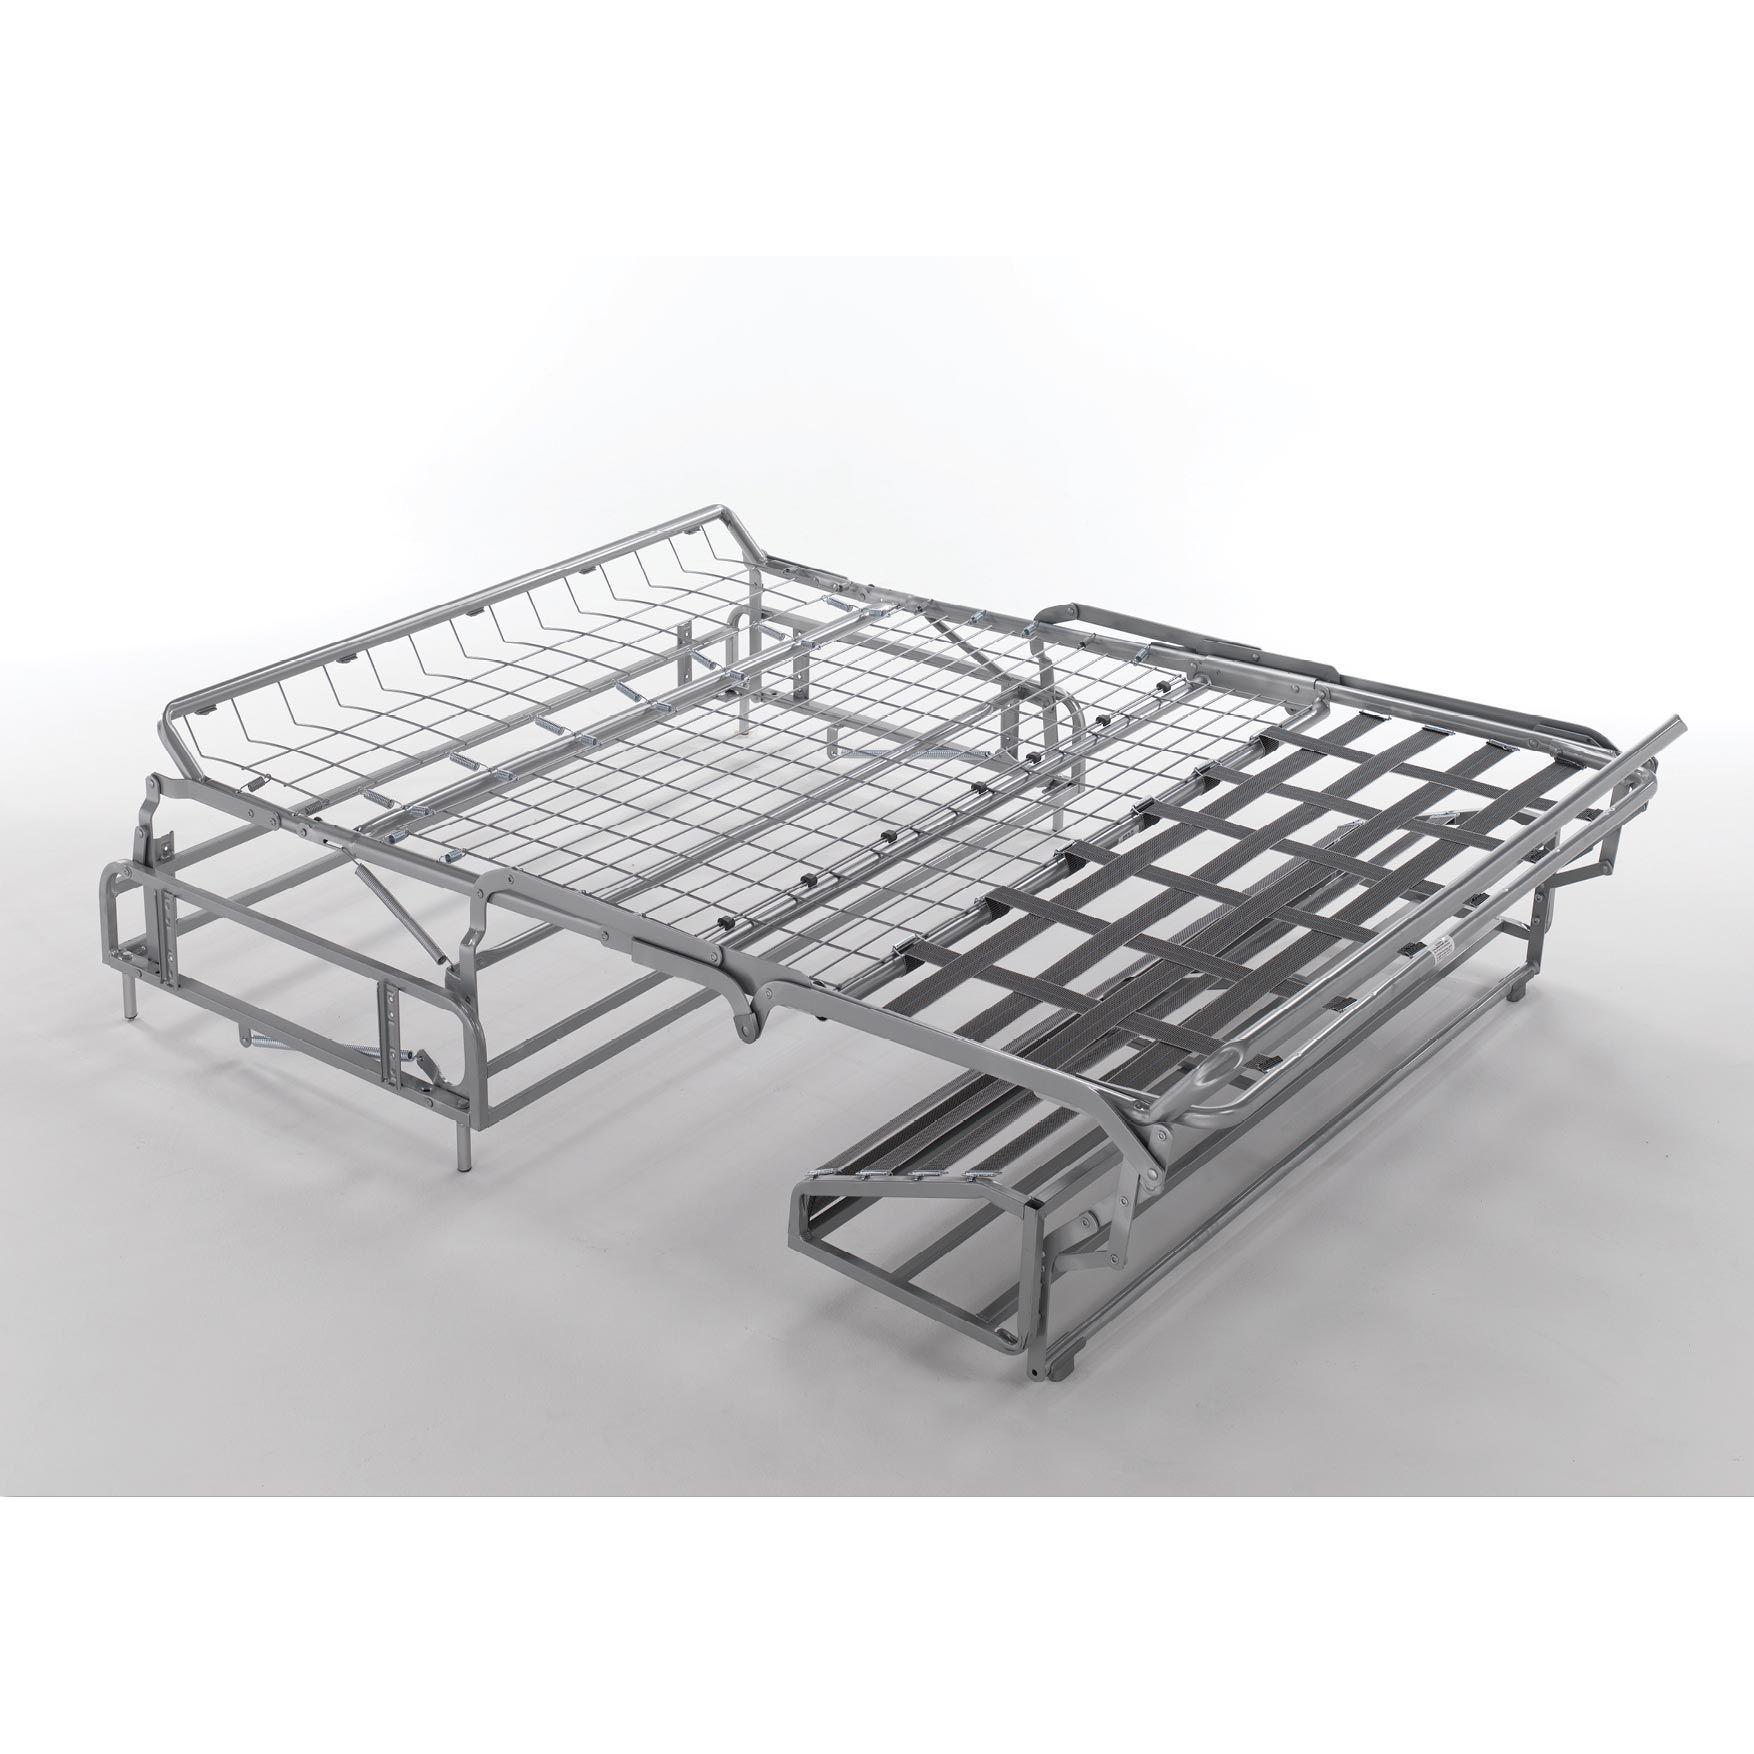 Reti materassi e trasformabili reti per divano letto - Materassi per divani letto ...